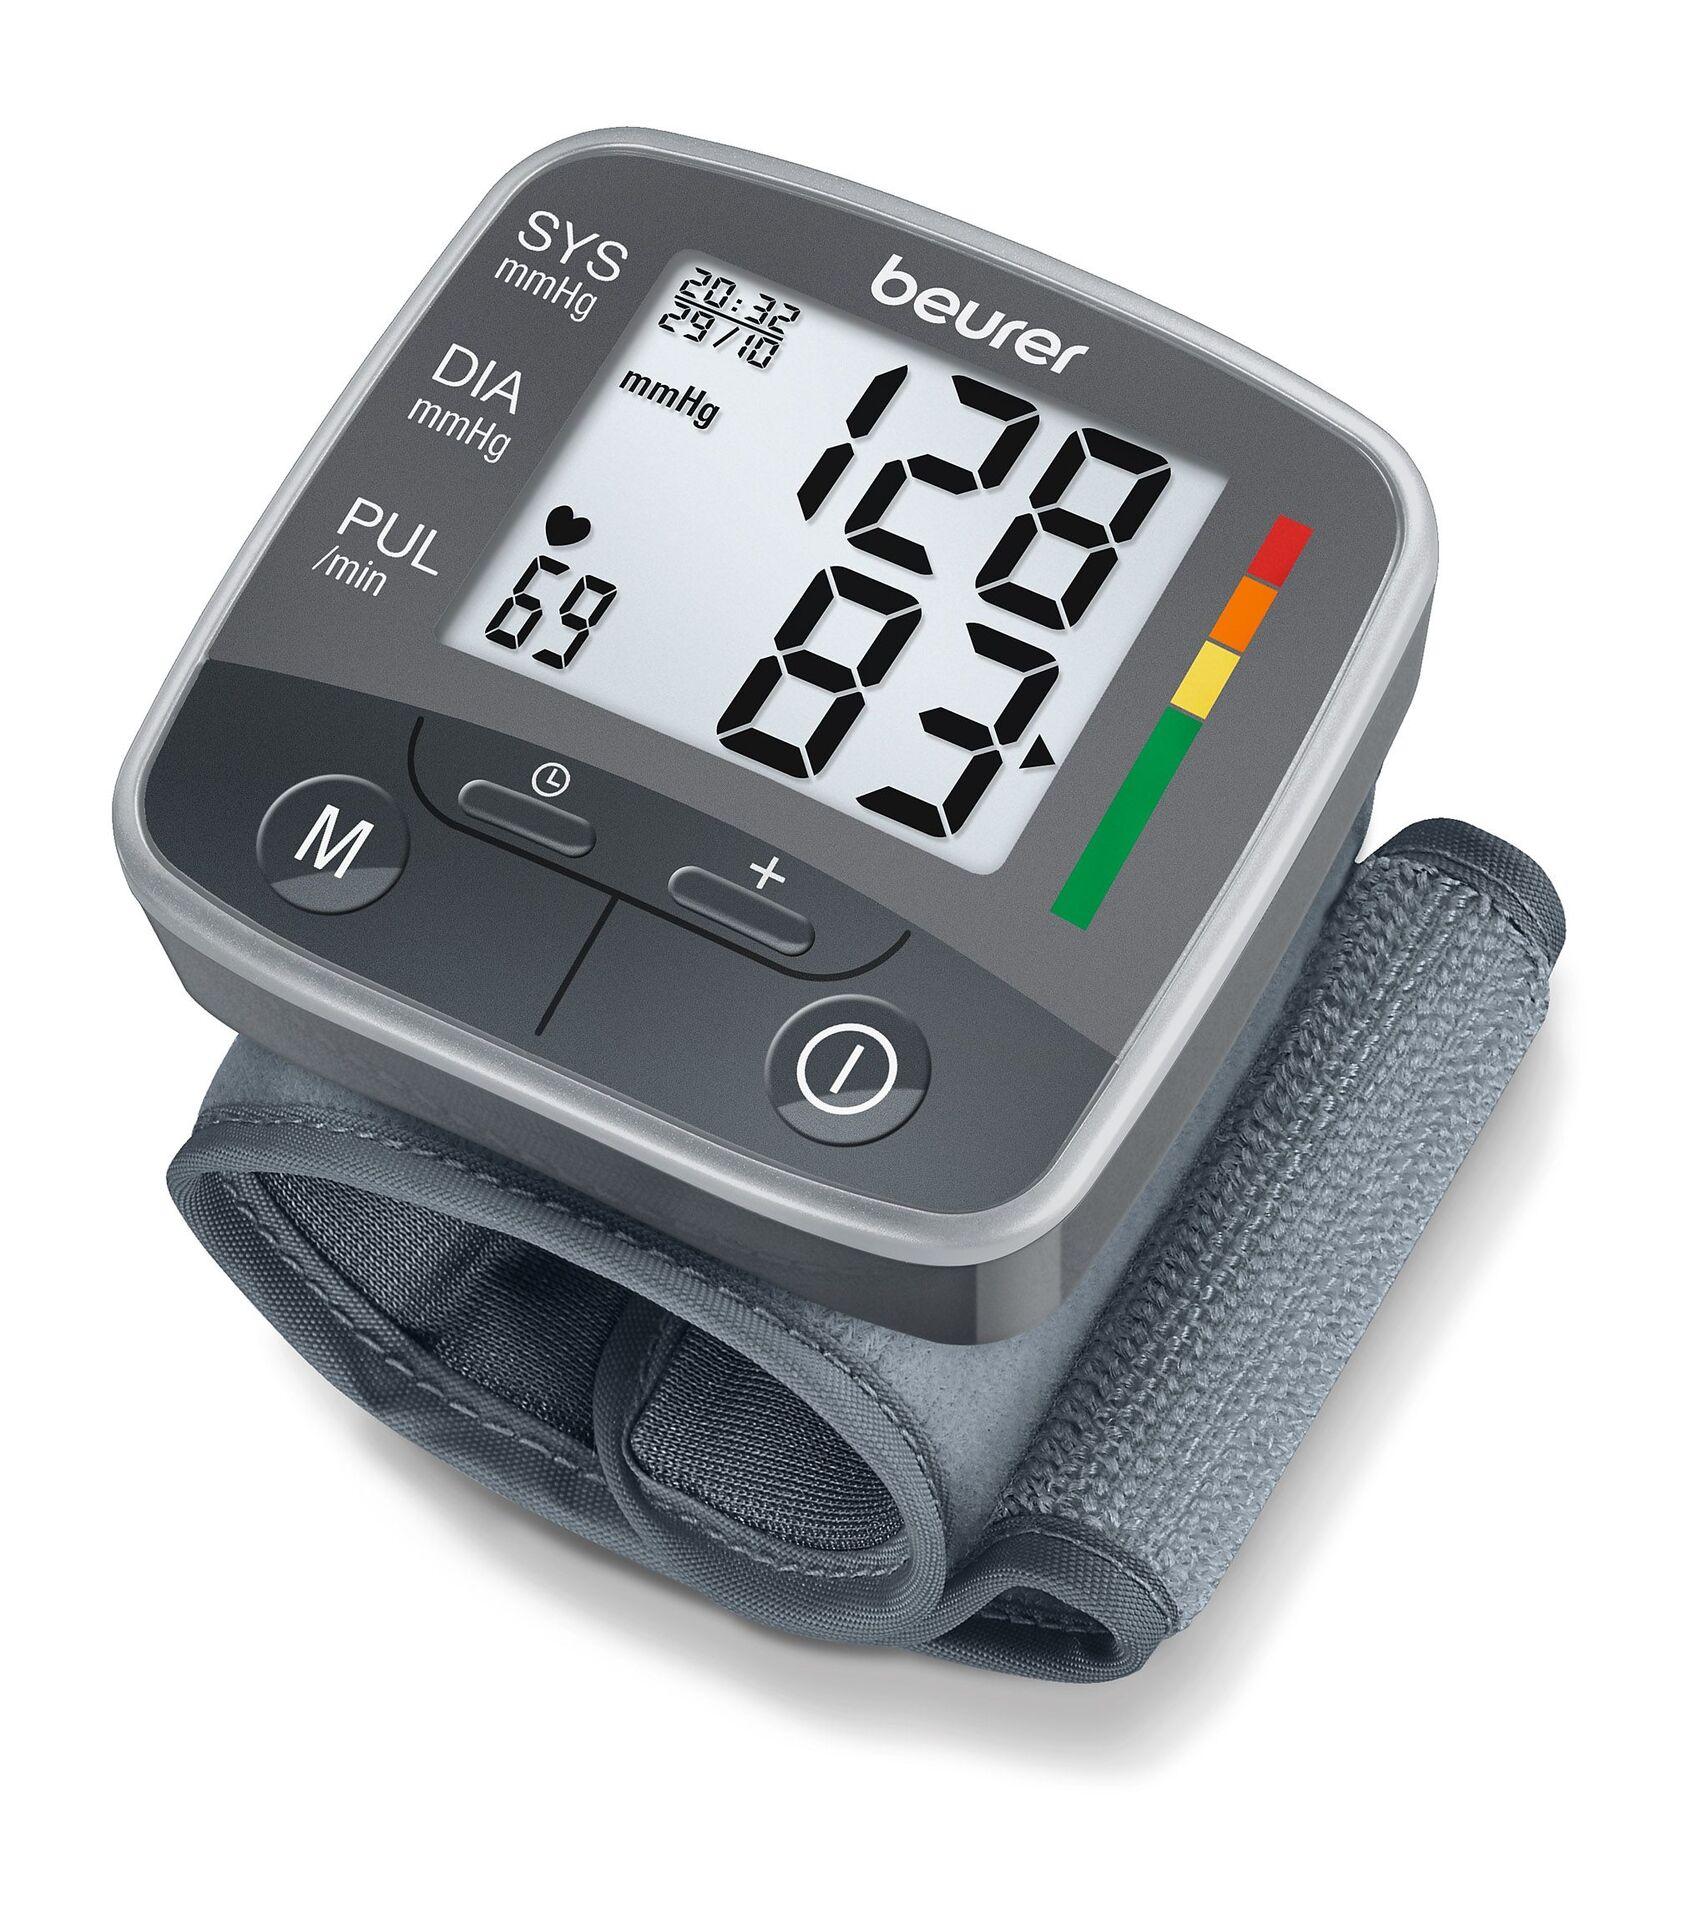 Апарат за измерване на кръвно налягане Beurer (BC 32) - ofisitebg.com